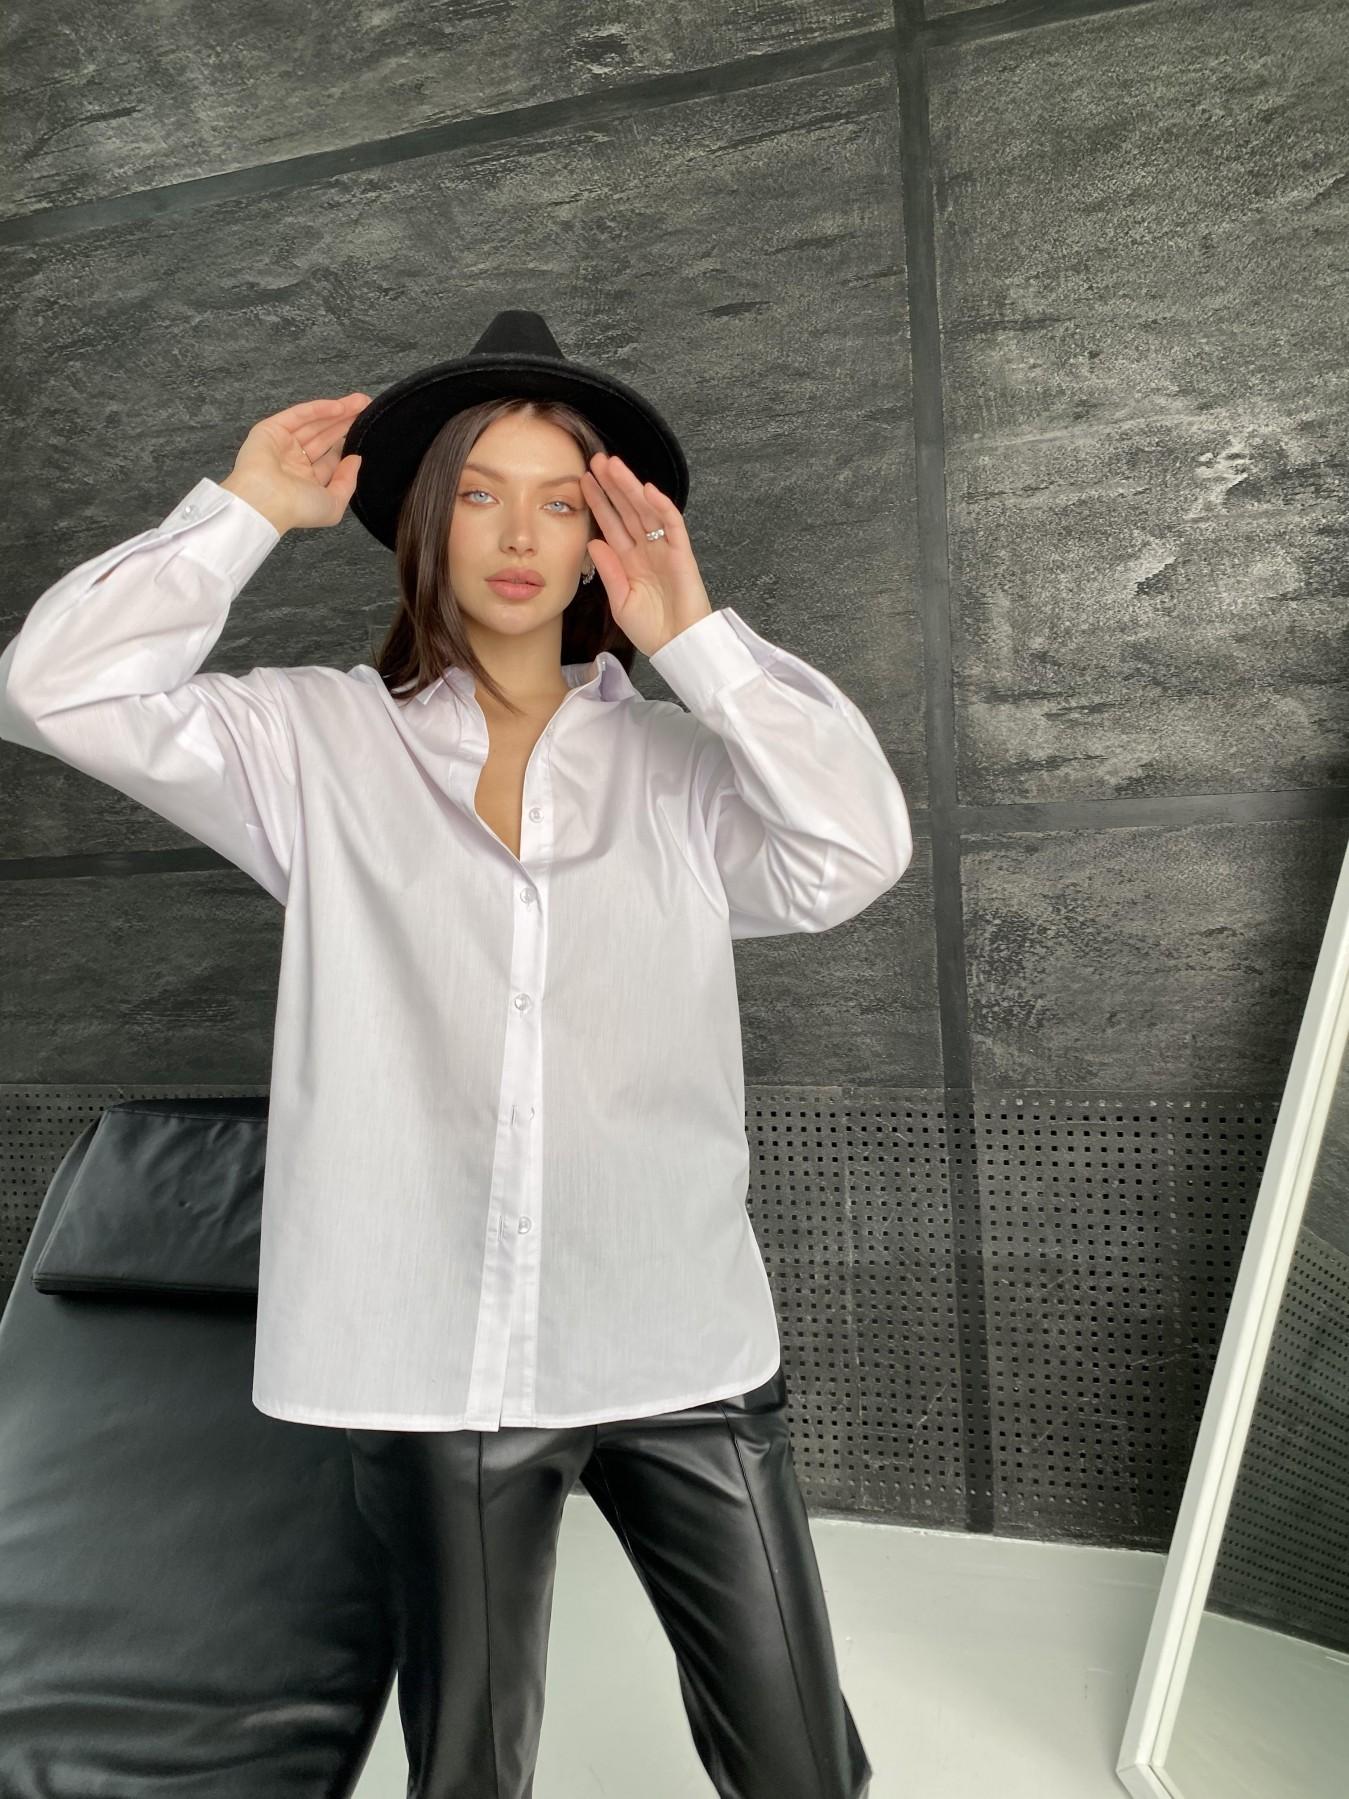 Найс рубашка из хлопковой ткани 10808 АРТ. 47287 Цвет: Белый - фото 2, интернет магазин tm-modus.ru